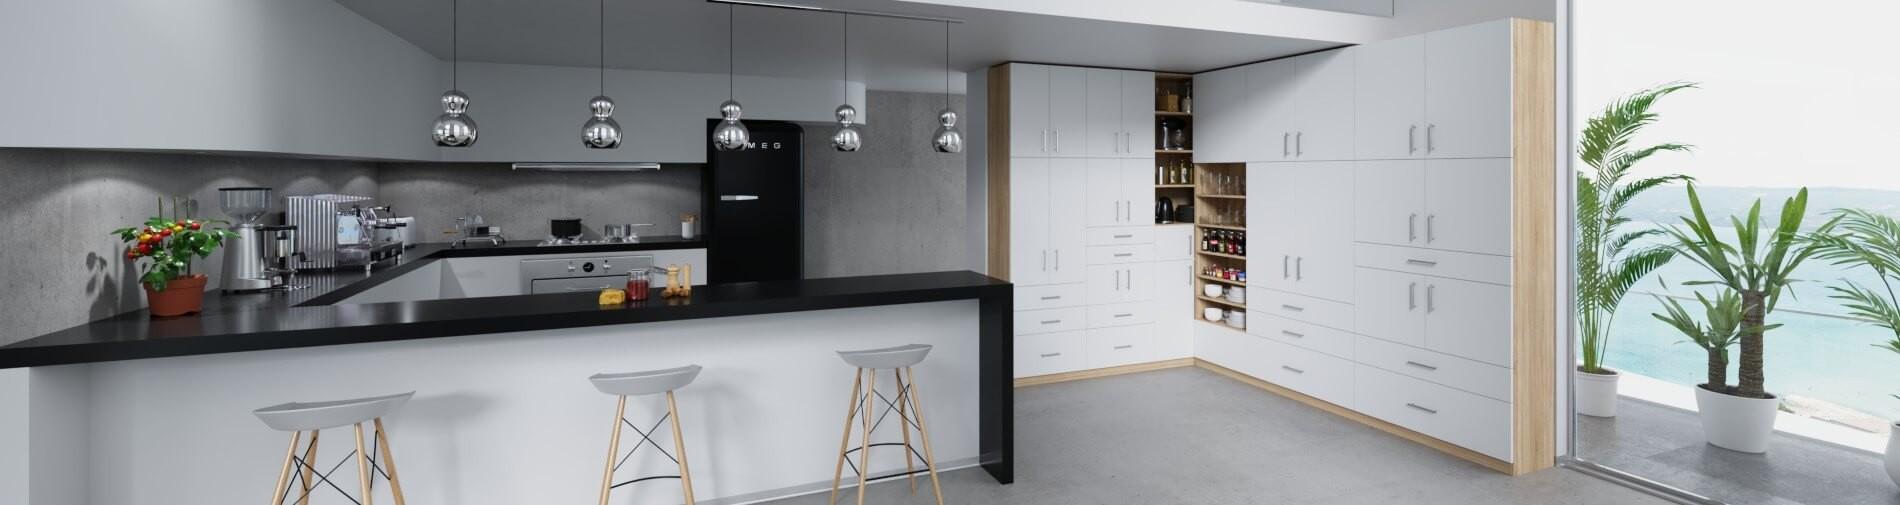 Günstiger Küchenschrank nach Maß online planen | schrankplaner.de